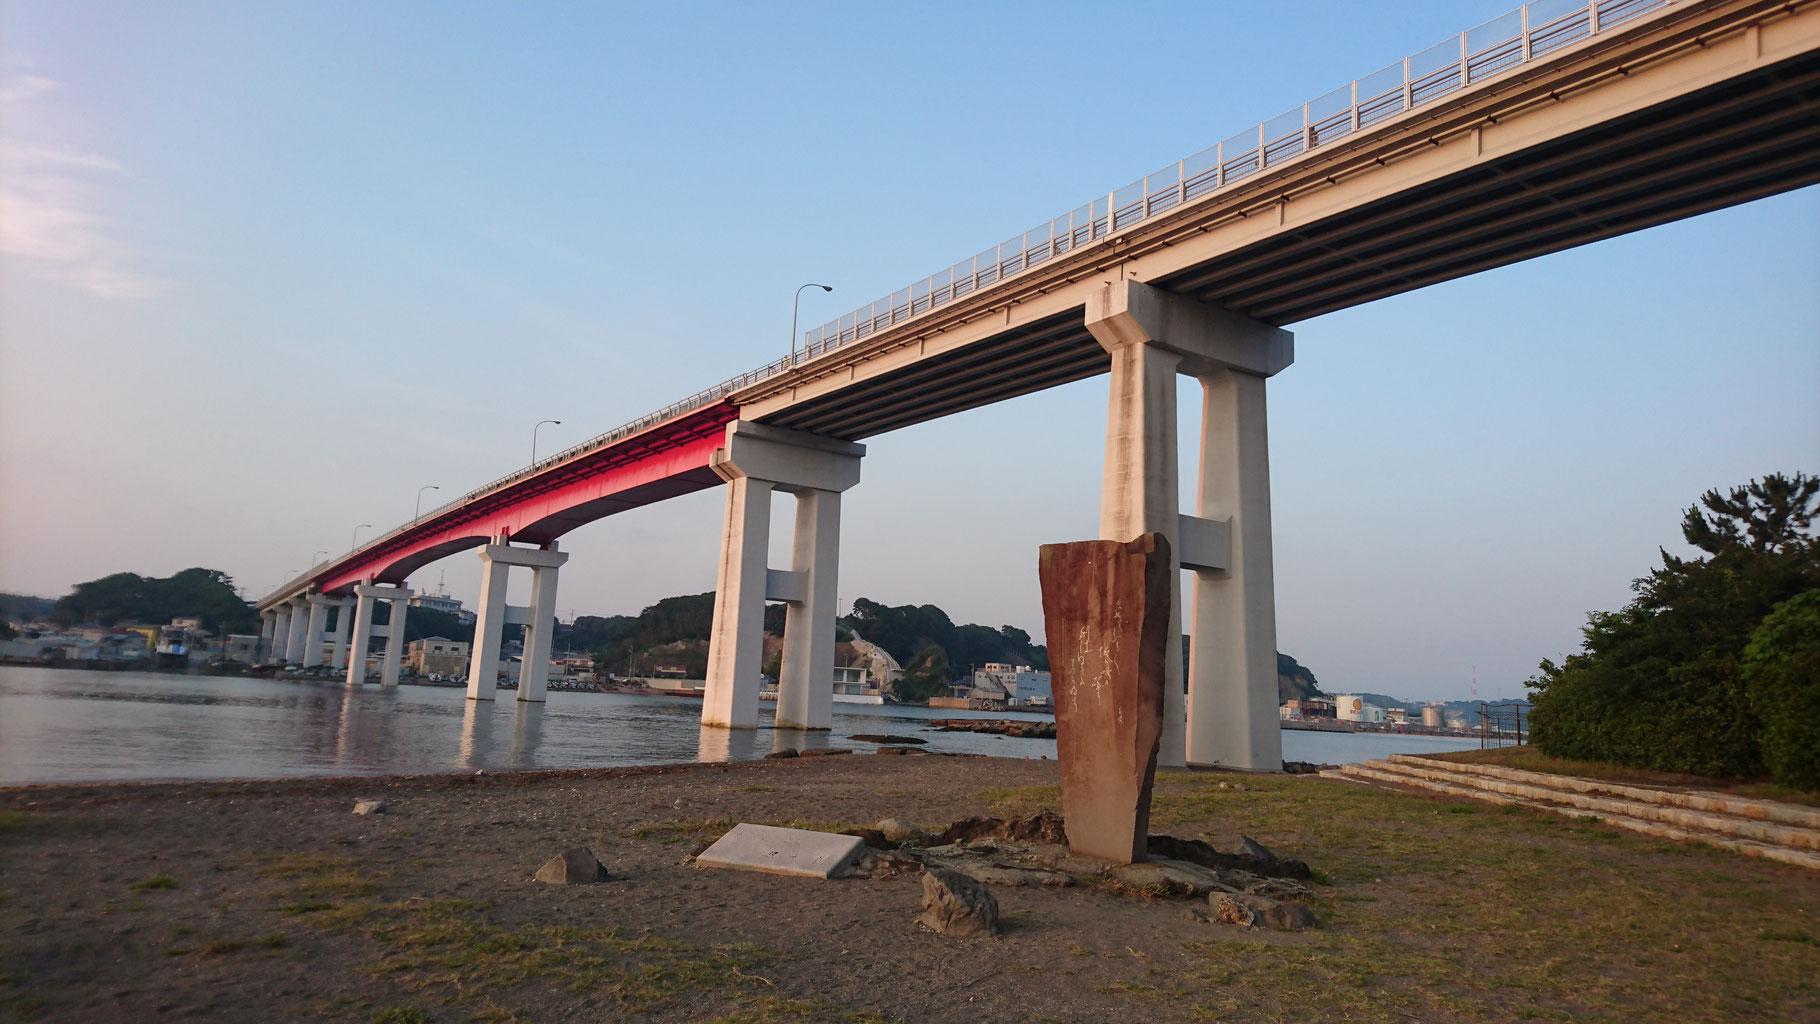 城ヶ島大橋 - (一般社団法人三浦市観光協会)